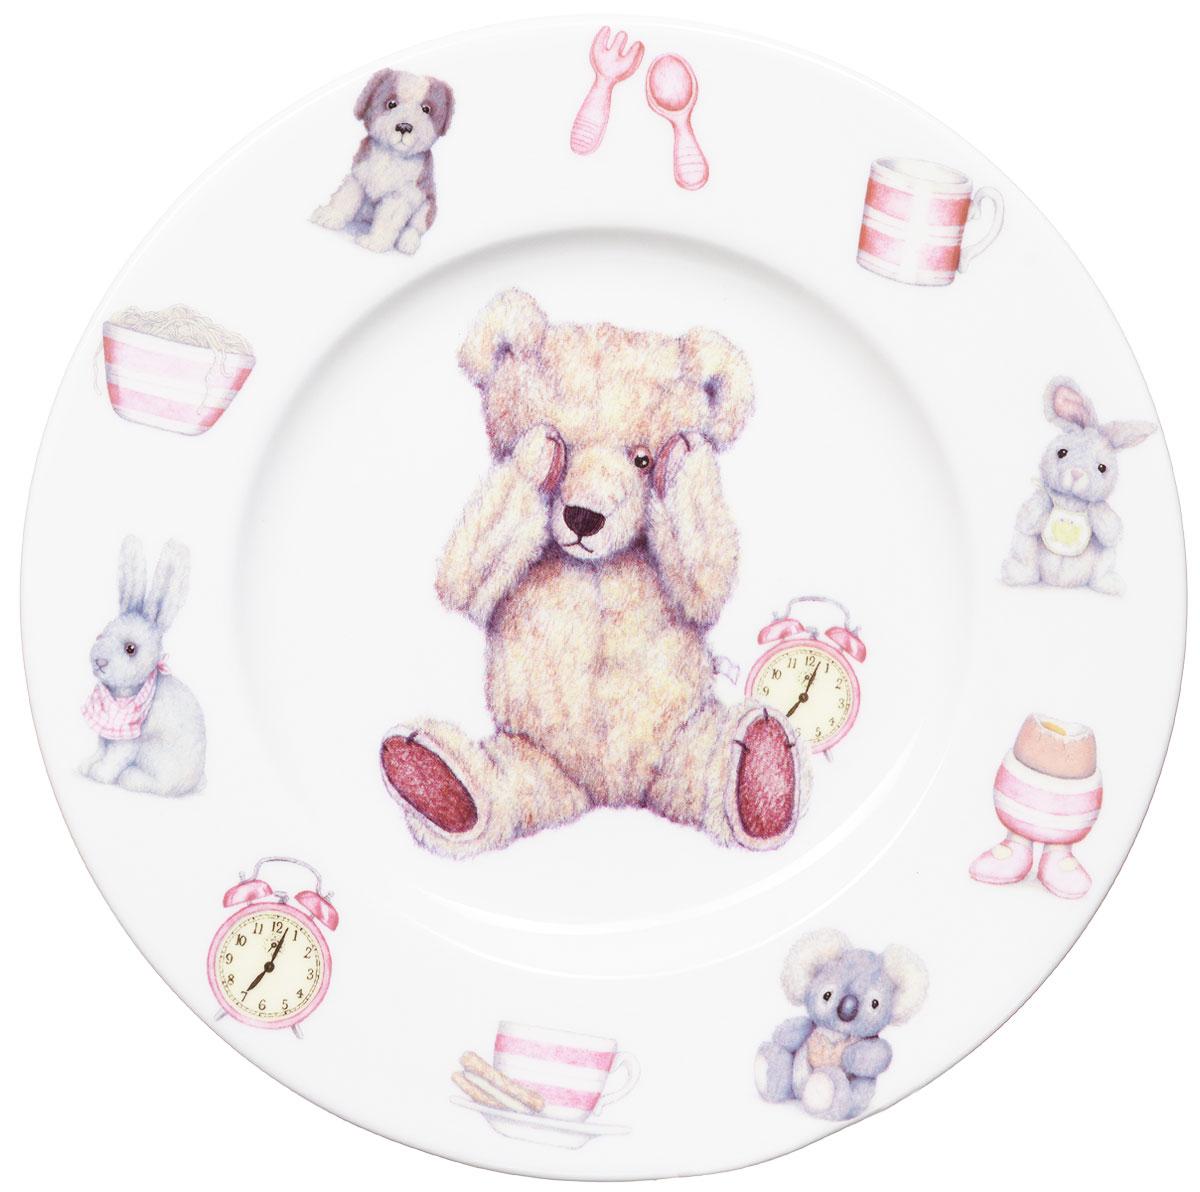 Roy Kirkham Тарелка Тедди тайм 19,5 см цвет розовый115510Яркая фарфоровая тарелка Тедди тайм превратит процесс кормления вашего малыша в веселую игру. Очаровательный образ медвежонка Тедди - воплощение английской классики. В коллекции детской посуды и подарочных аксессуаров Тедди тайм английской компании Roy Kirkham, всемирно признанного бренда с более чем 40-летней историей, все предметы изготовлены из тонкостенного костяного фарфора - керамического материала высшего качества, отличающегося необыкновенной прочностью и небольшим весом. Ваш ребенок будет кушать с большим удовольствием, стараясь быстрее добраться до картинки с мишкой Тедди. Отвечает всем требованиям безопасности при контакте с пищей.